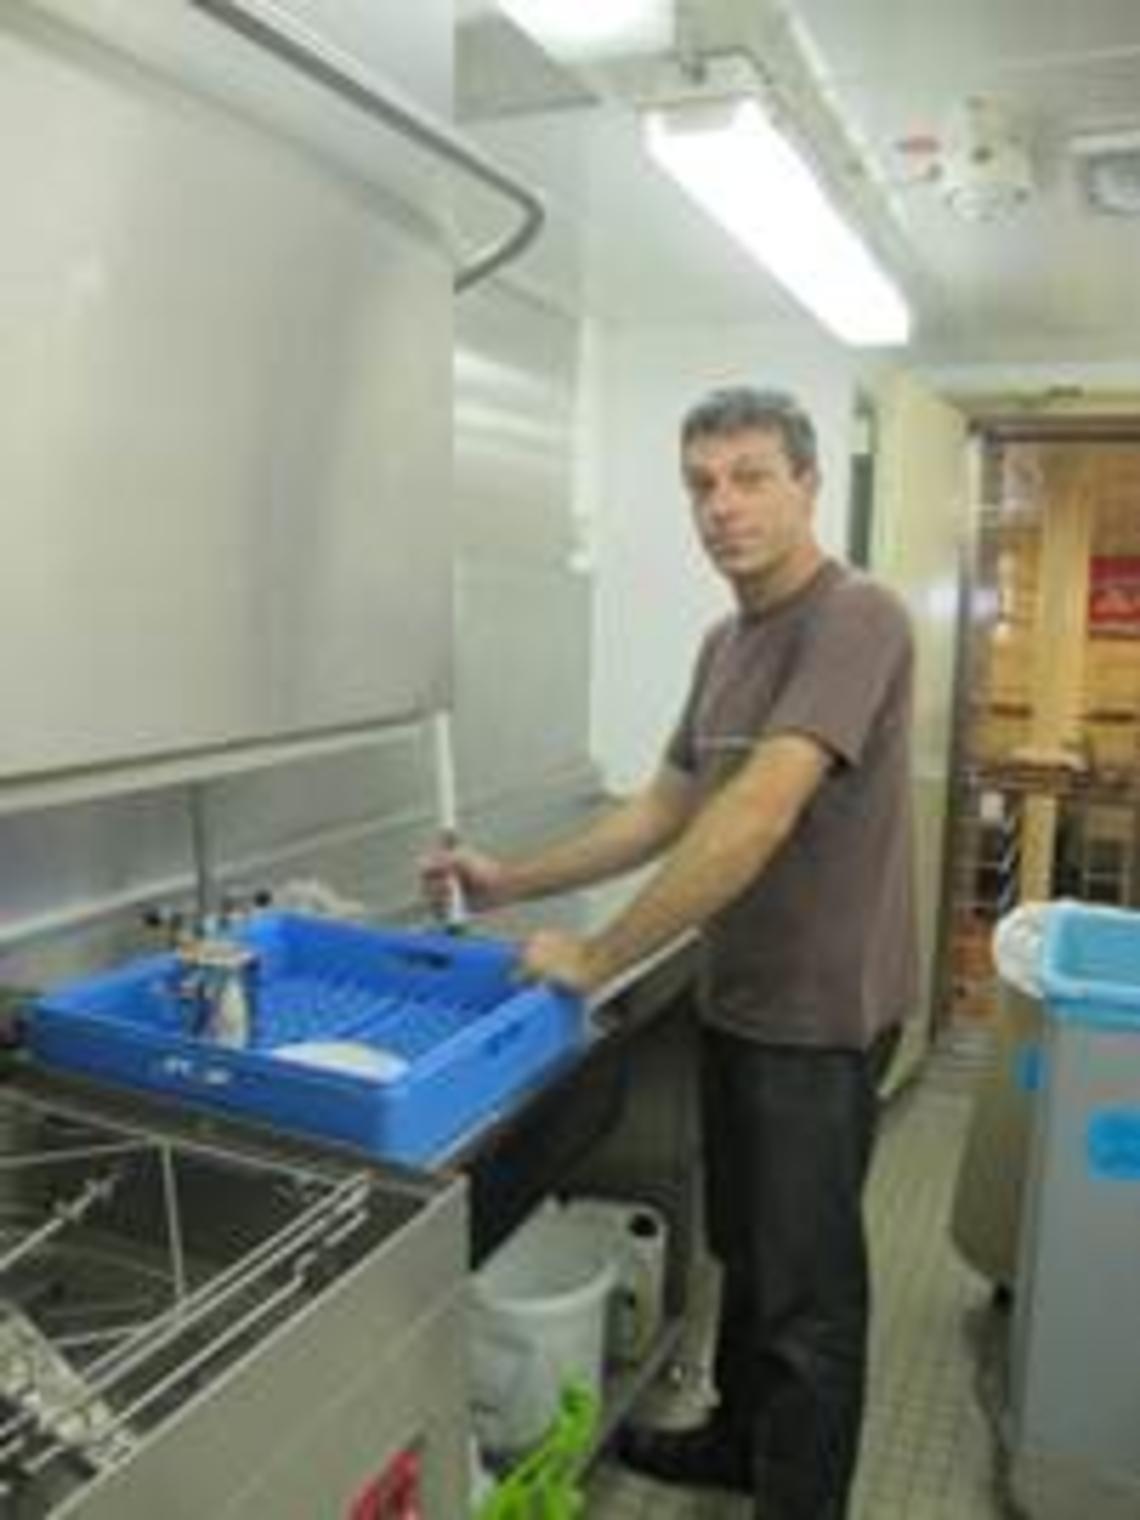 Jacques finalise la vaisselle, tout doit être nickel !